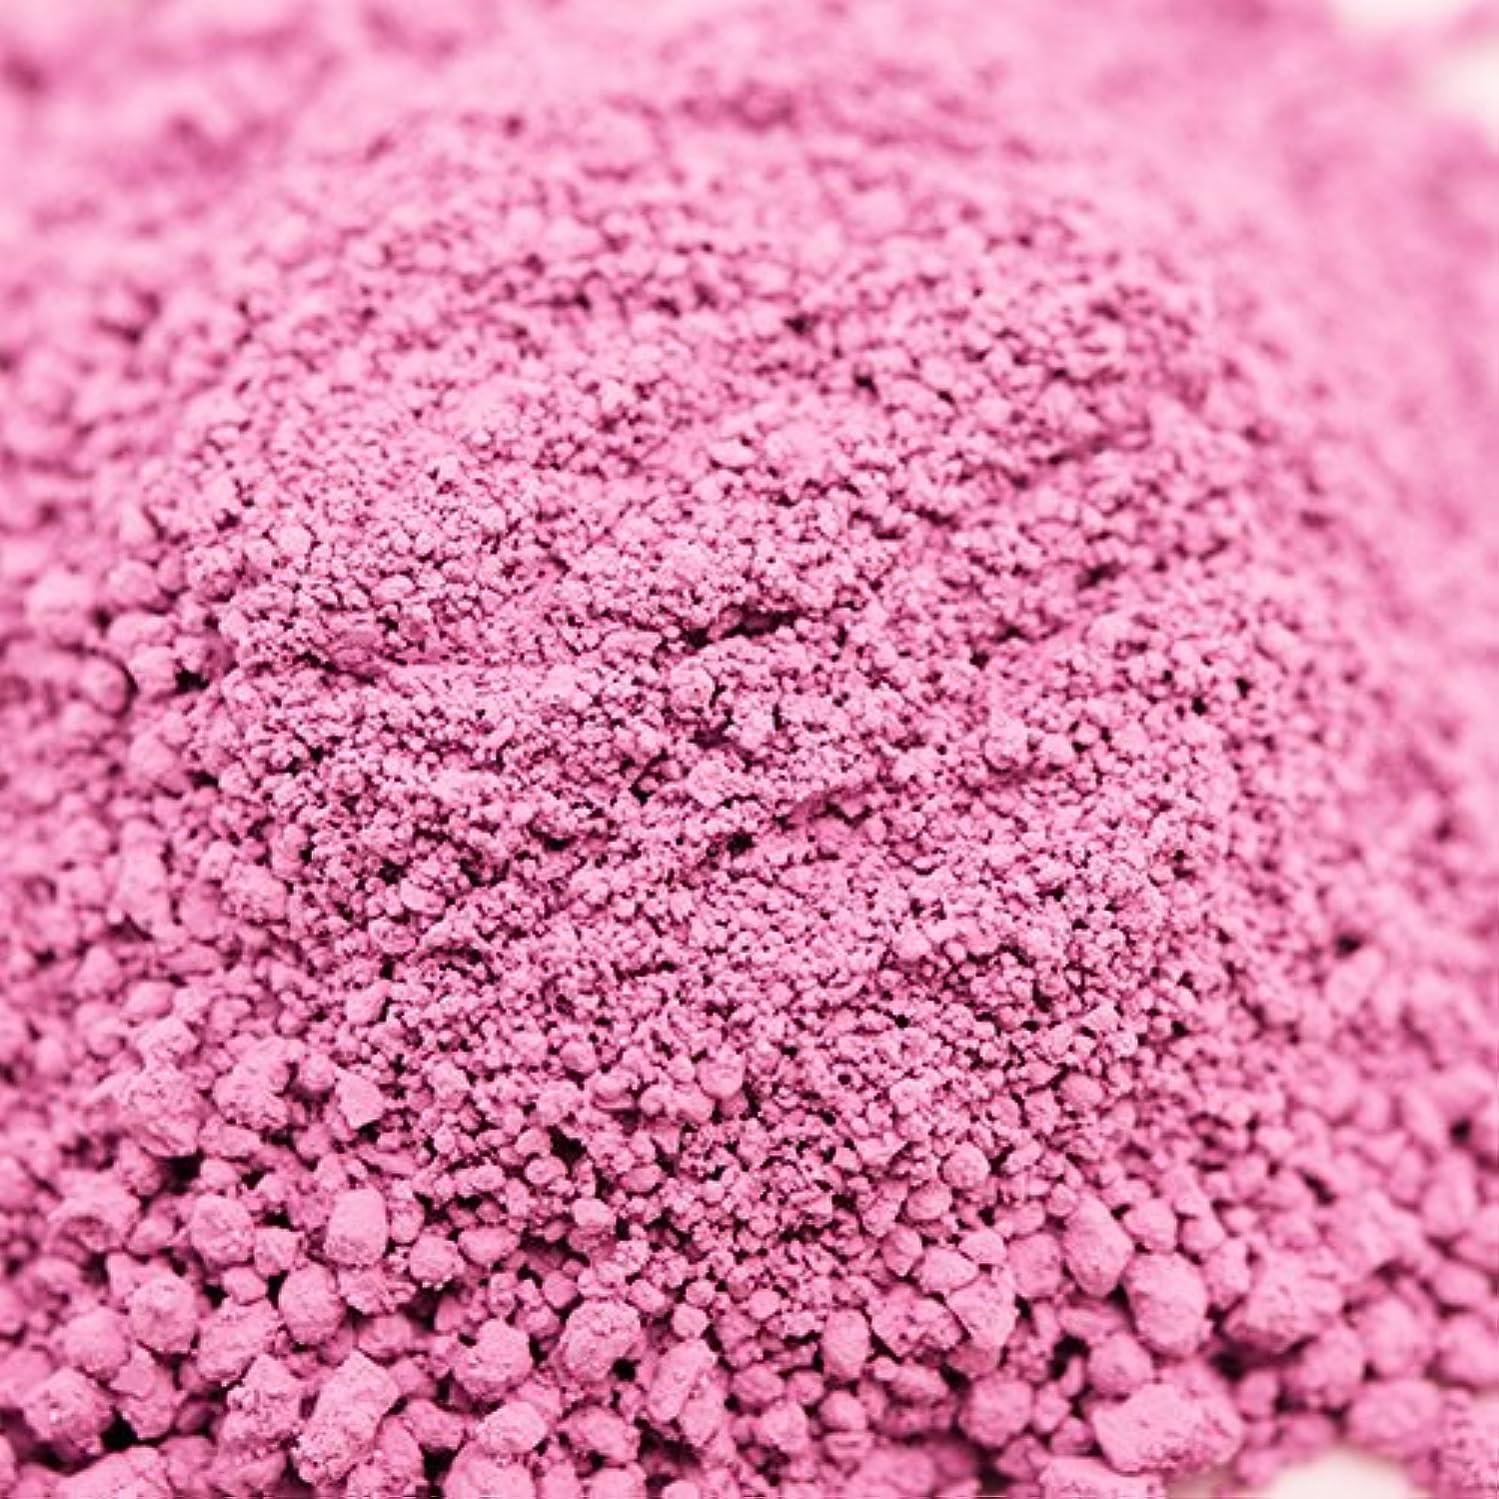 とらえどころのない不適一時的ウルトラマリン ピンク 20g 【手作り石鹸/手作りコスメ/色付け/カラーラント】